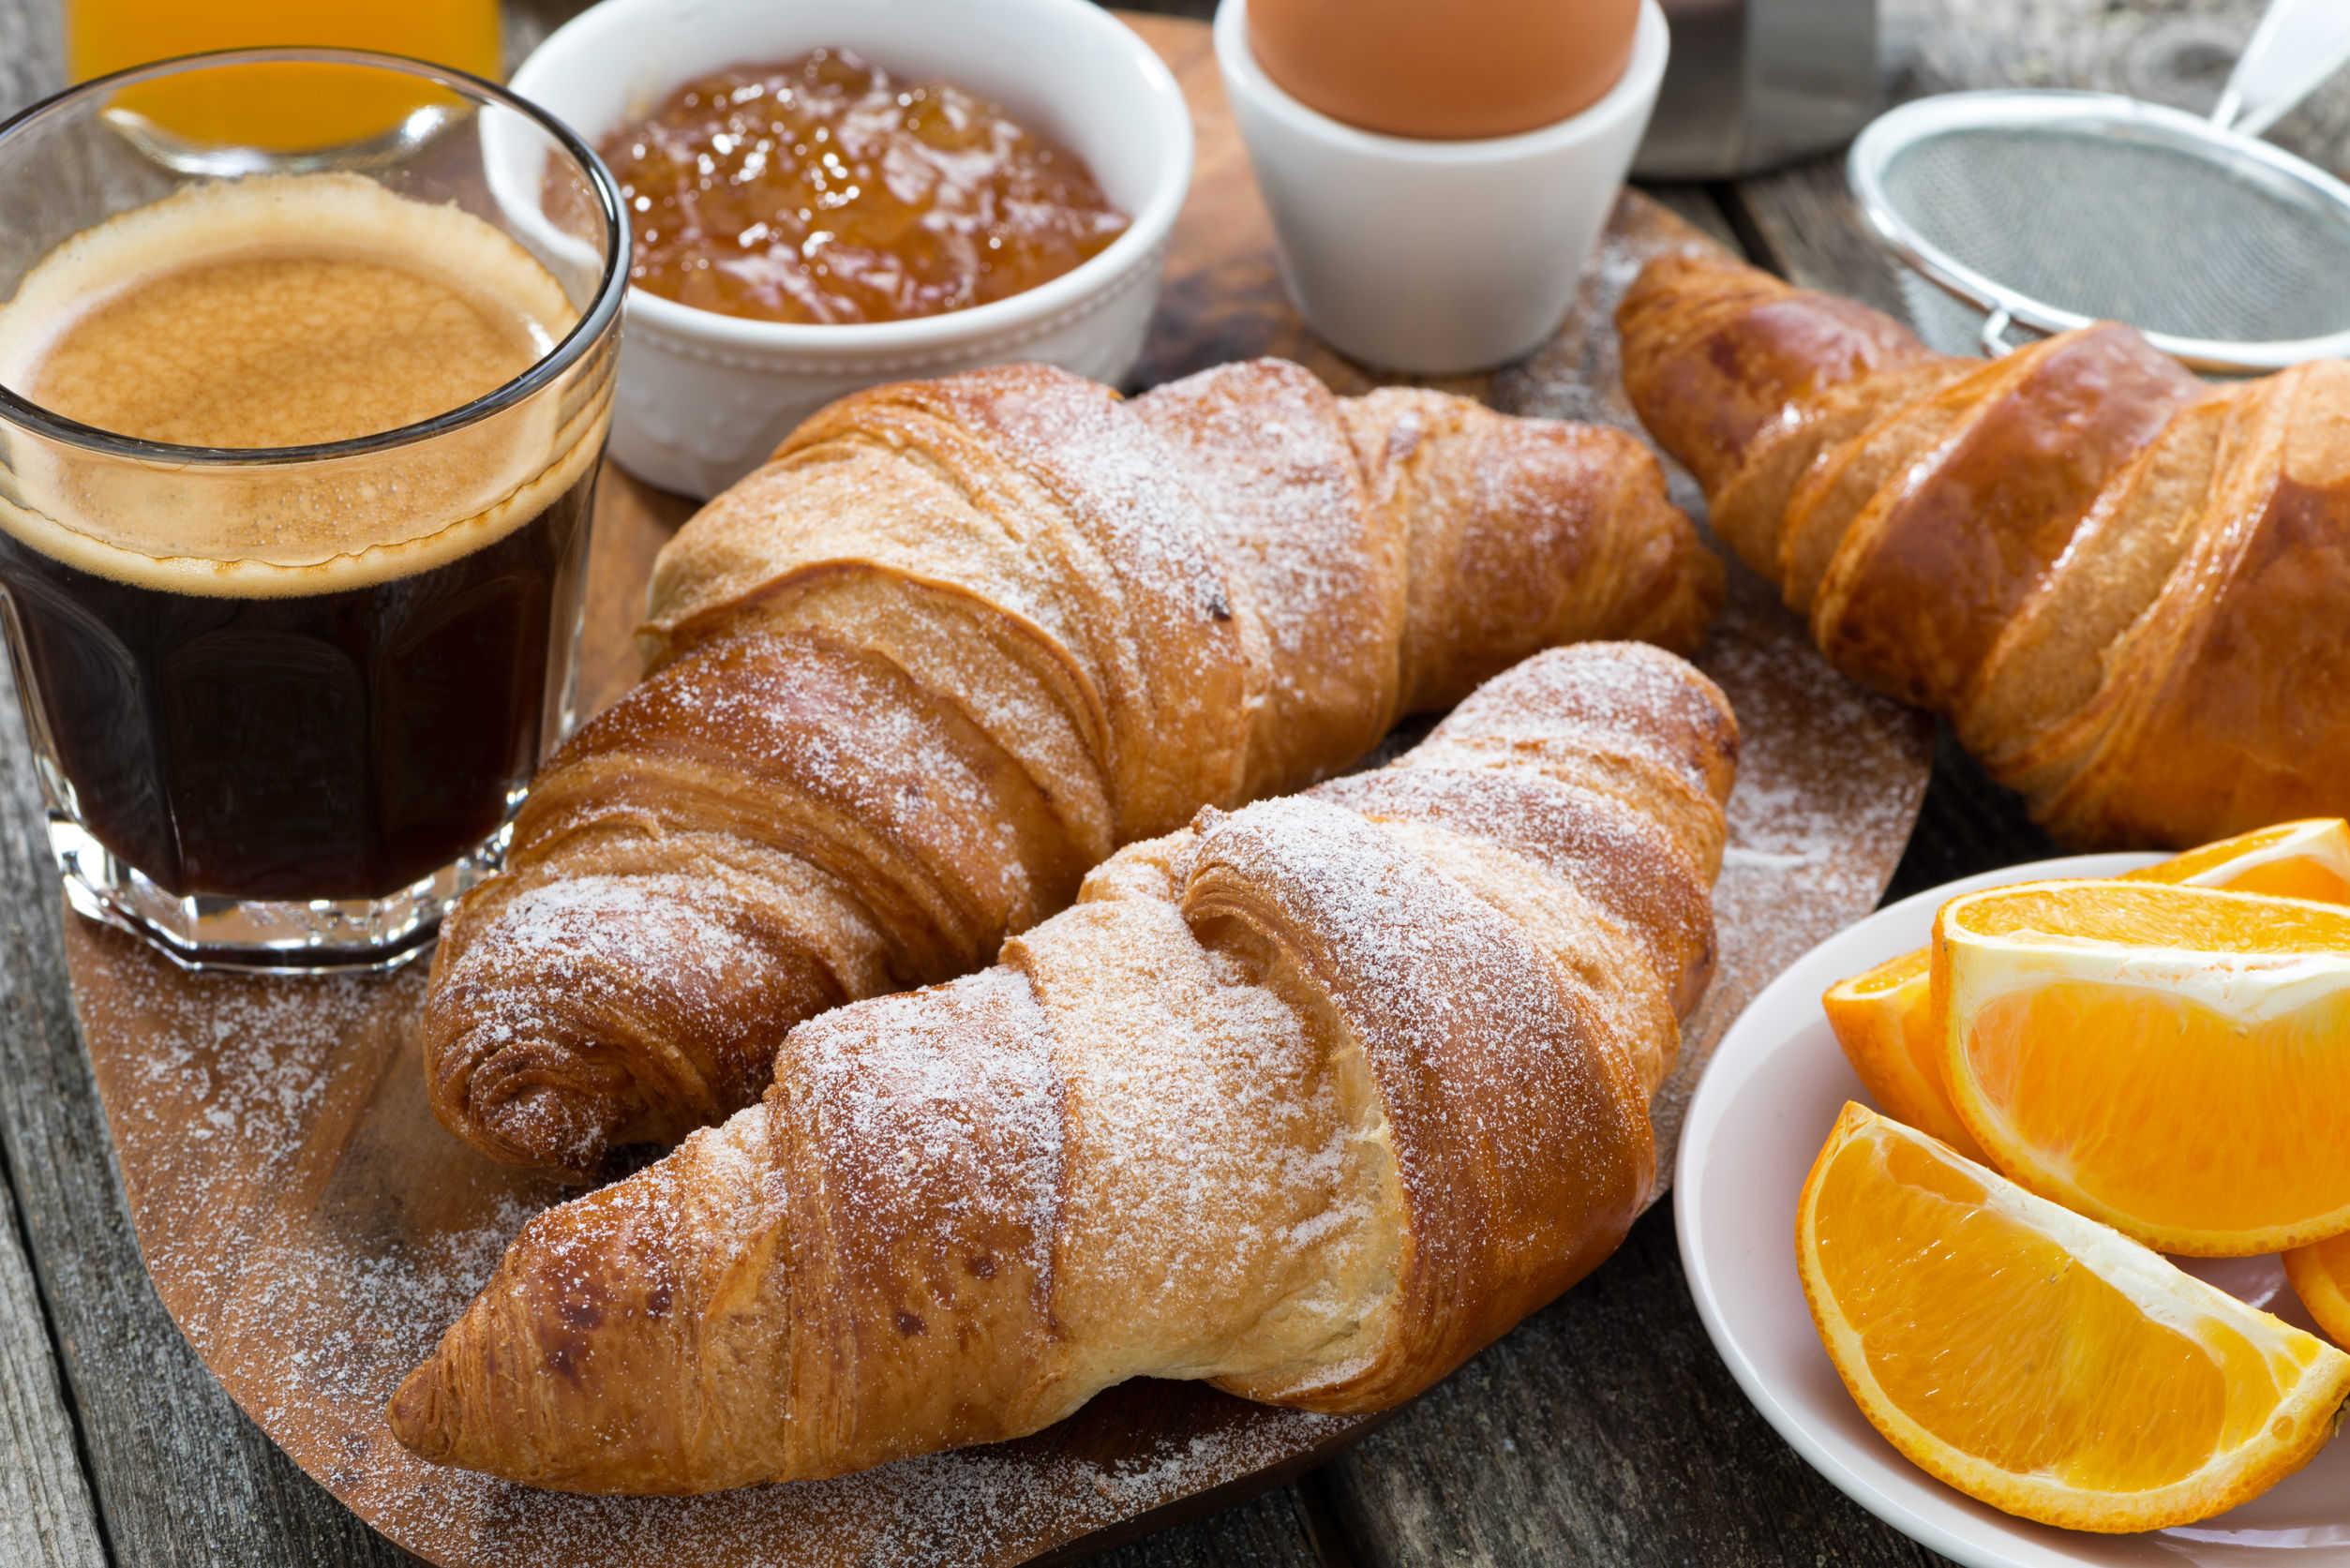 Delicioso y simple desayuno estilo francés